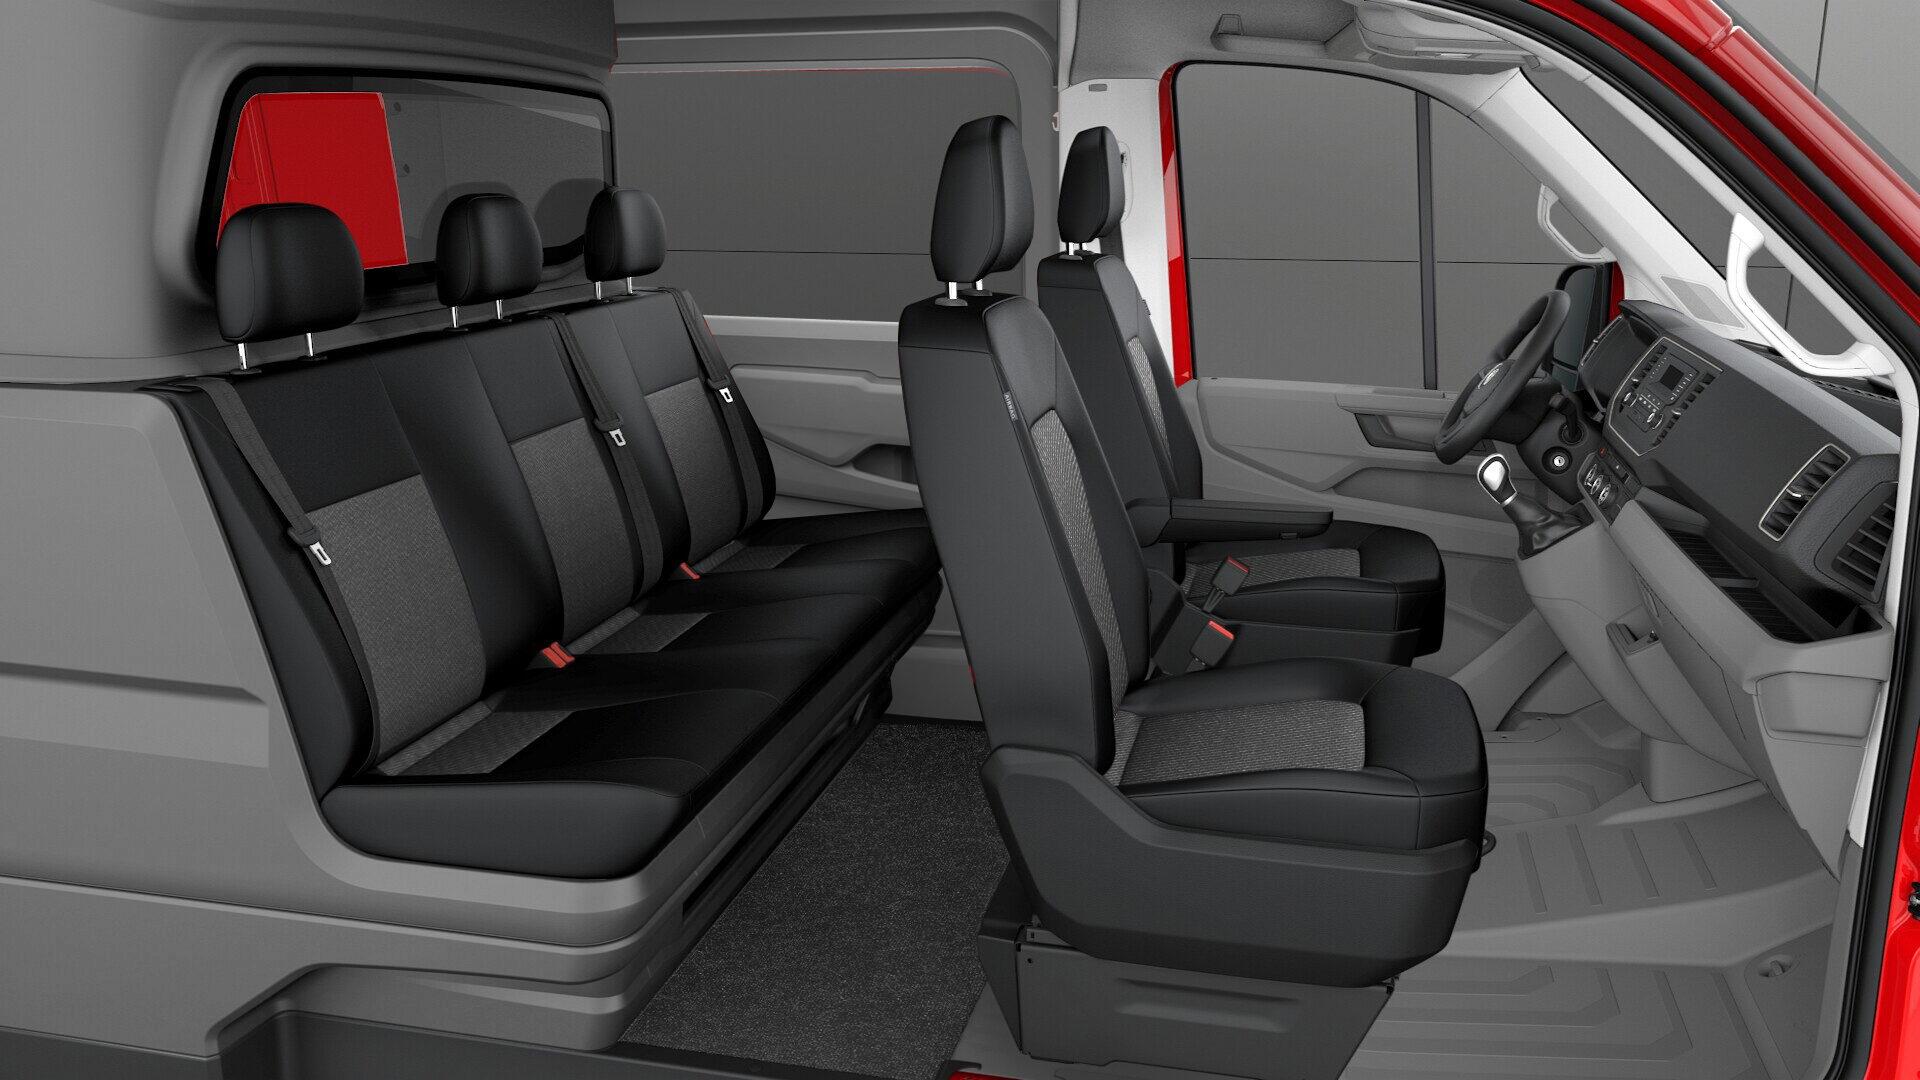 Volkswagen Crafter Crew Van by Snoeks